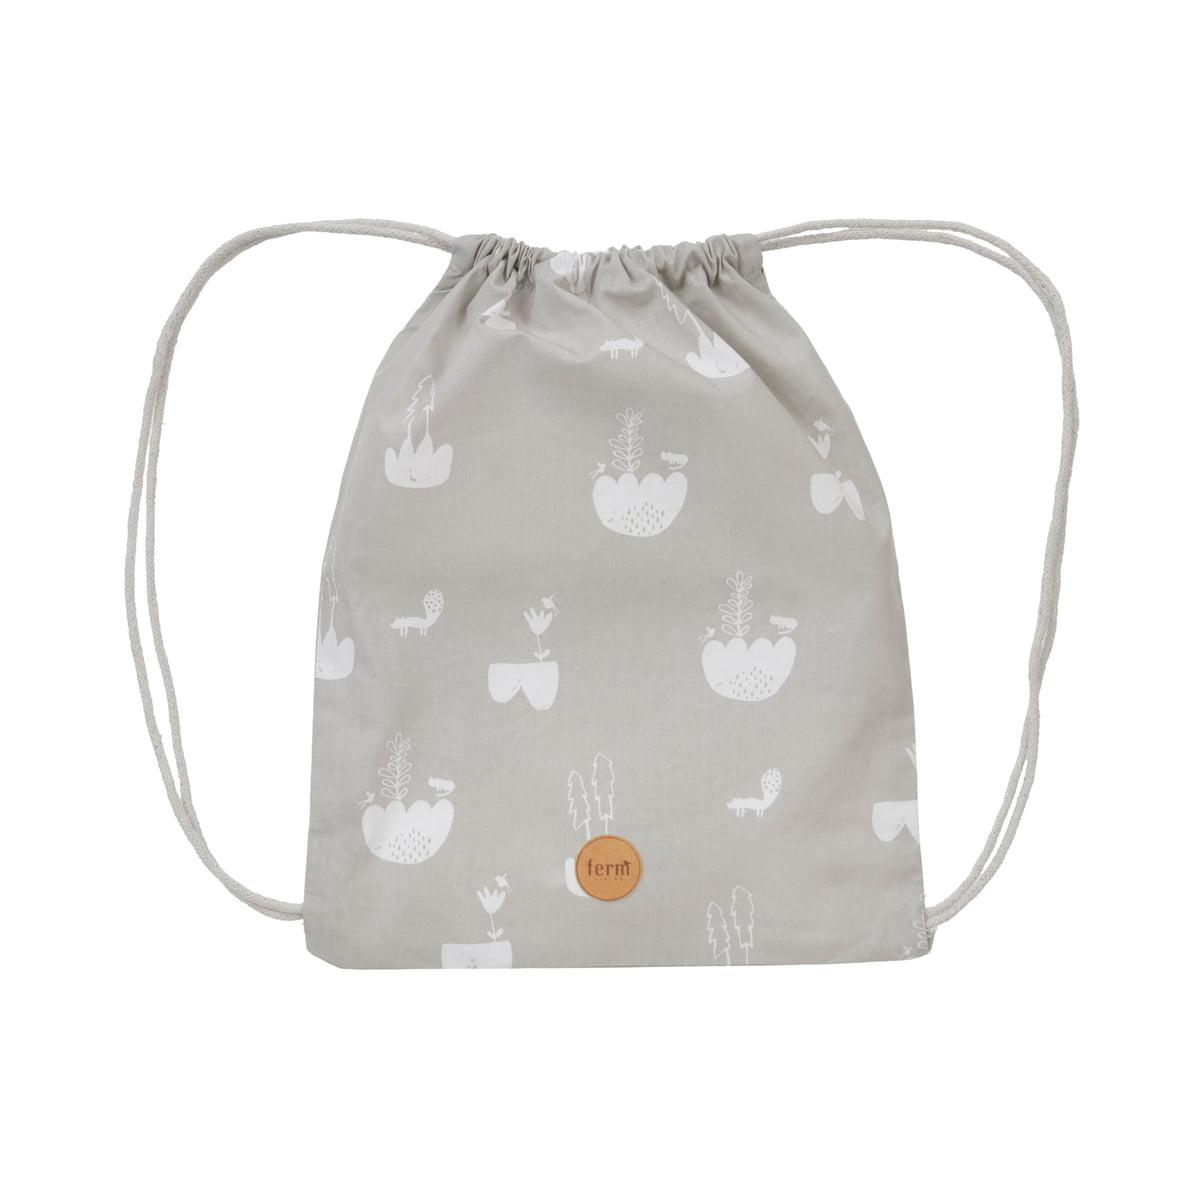 beaf1d71ca7e9e Gym Bags for Children by ferm Living | Connox